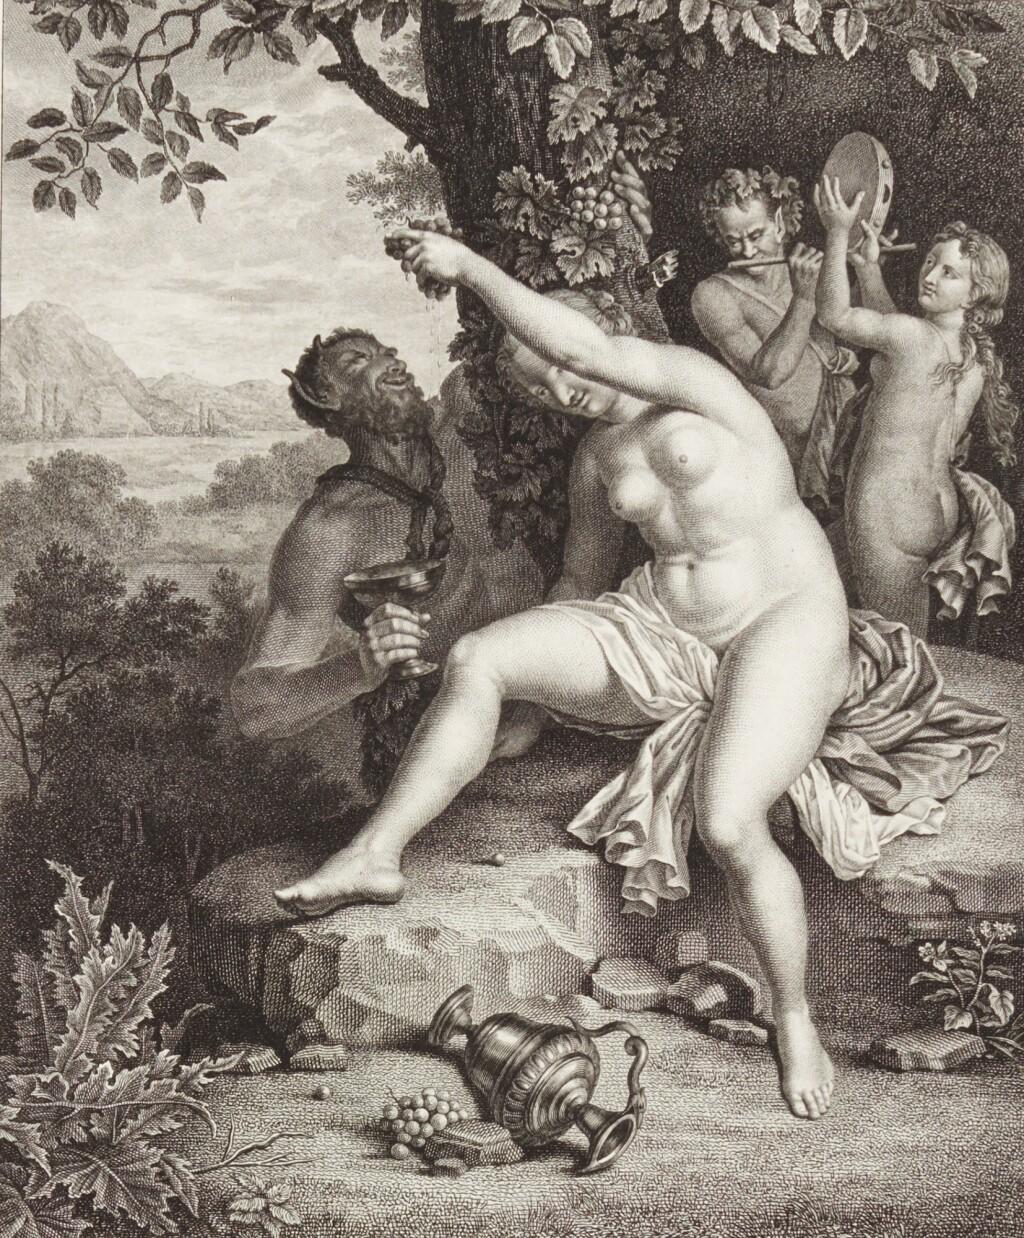 FONTENAI, LOUIS ABEL DE BONAFOUS, ABBÉ DE | GALERIE DU PALAIS ROYAL. PARIS, 1786-1808, 3 VOLUMES